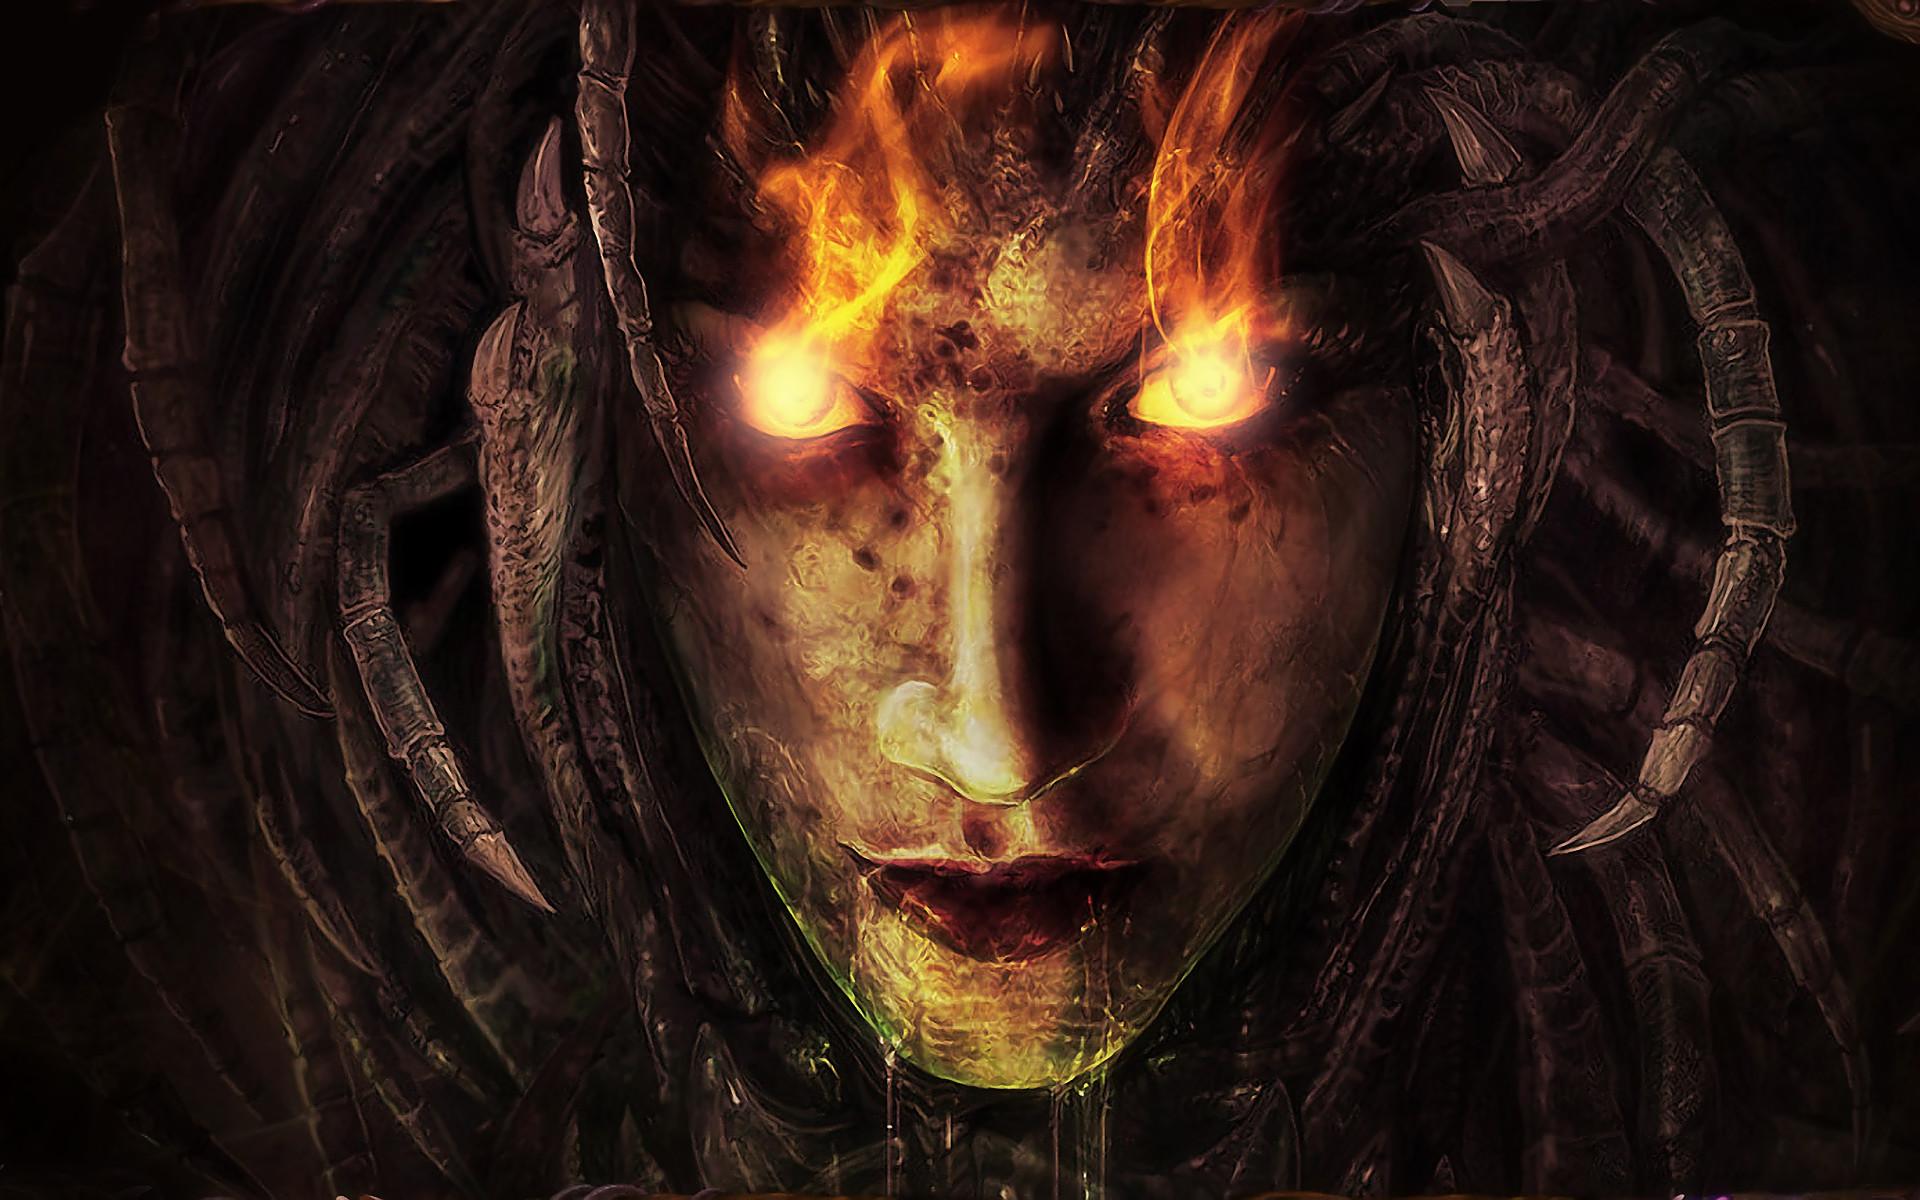 EPISODE III: DRAGON HATCHERY (Part 1)